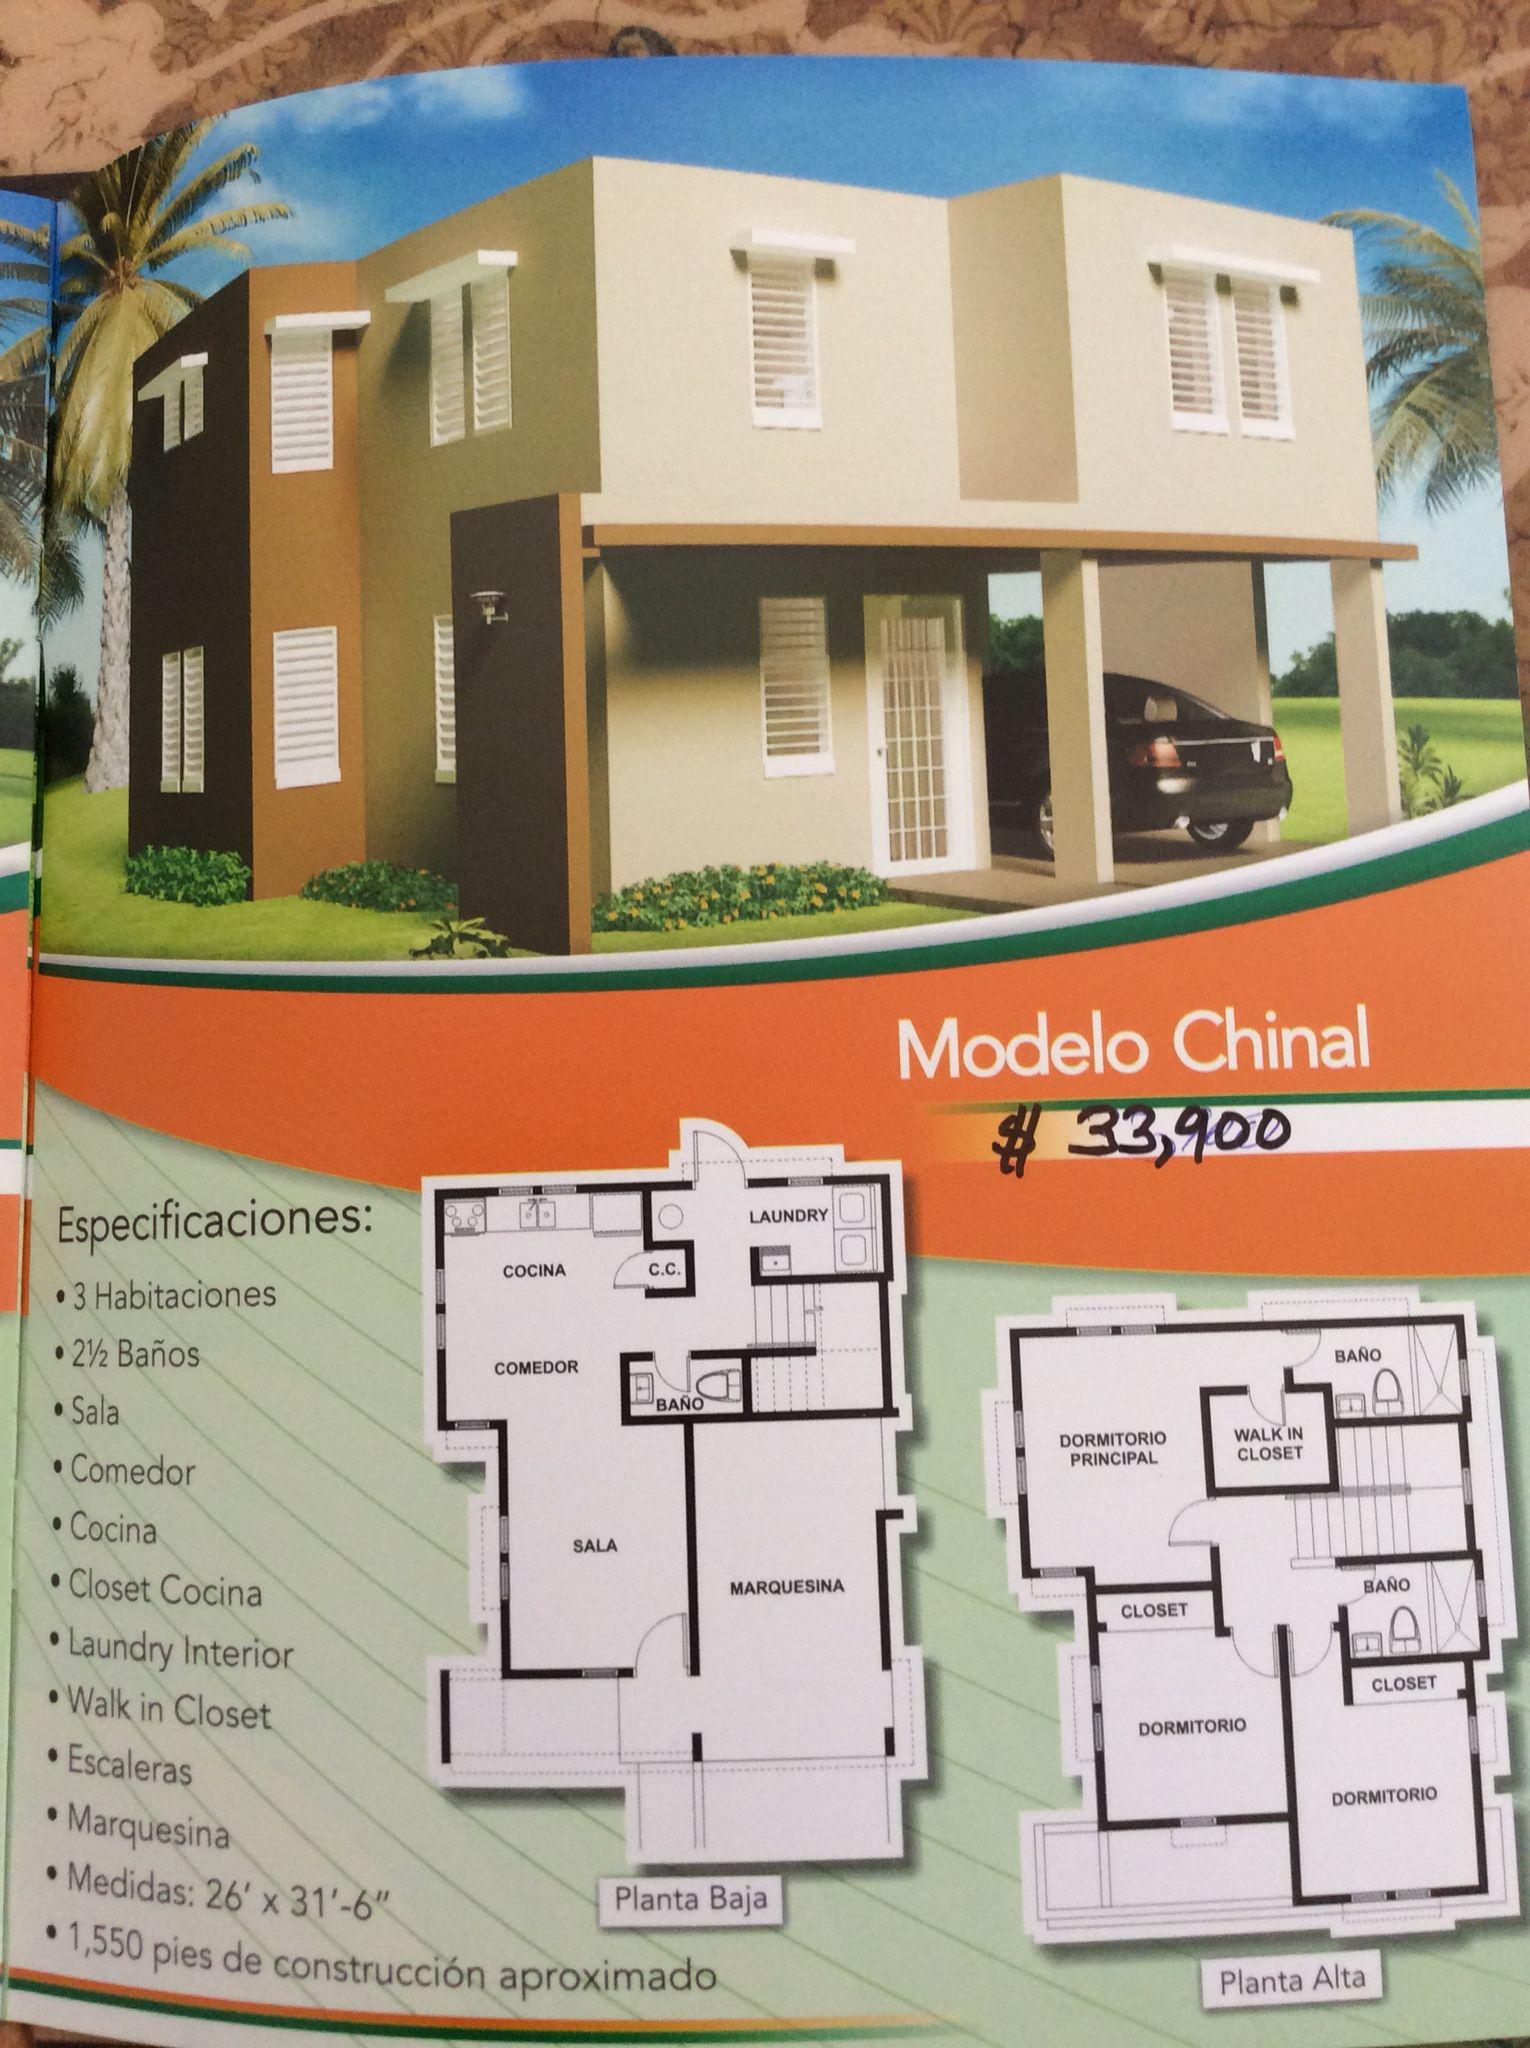 Casas Borincanas Vendedor: Luis Soto 787-898-3305/898-2224 www.casasborincanas.com